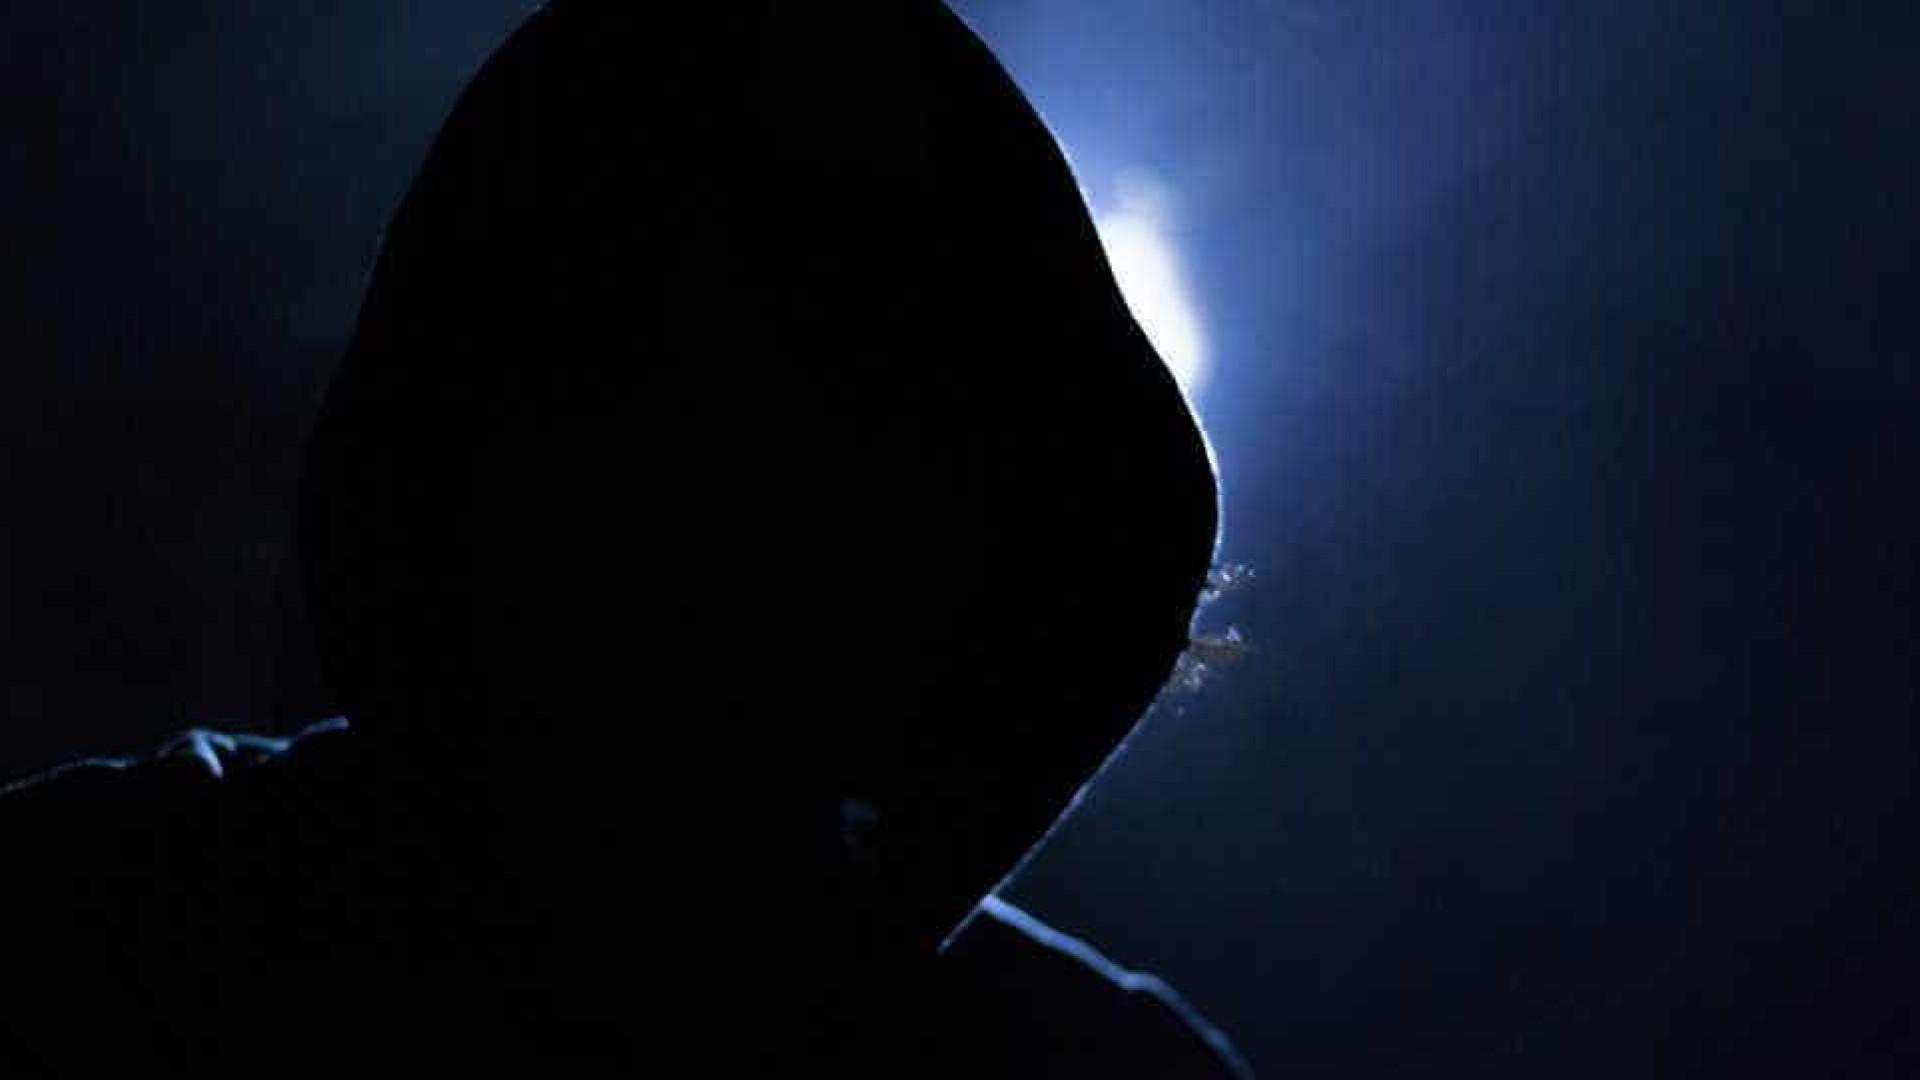 Baleia Azul: Criminosos estimulam  vítimas a anteciparem suicídio